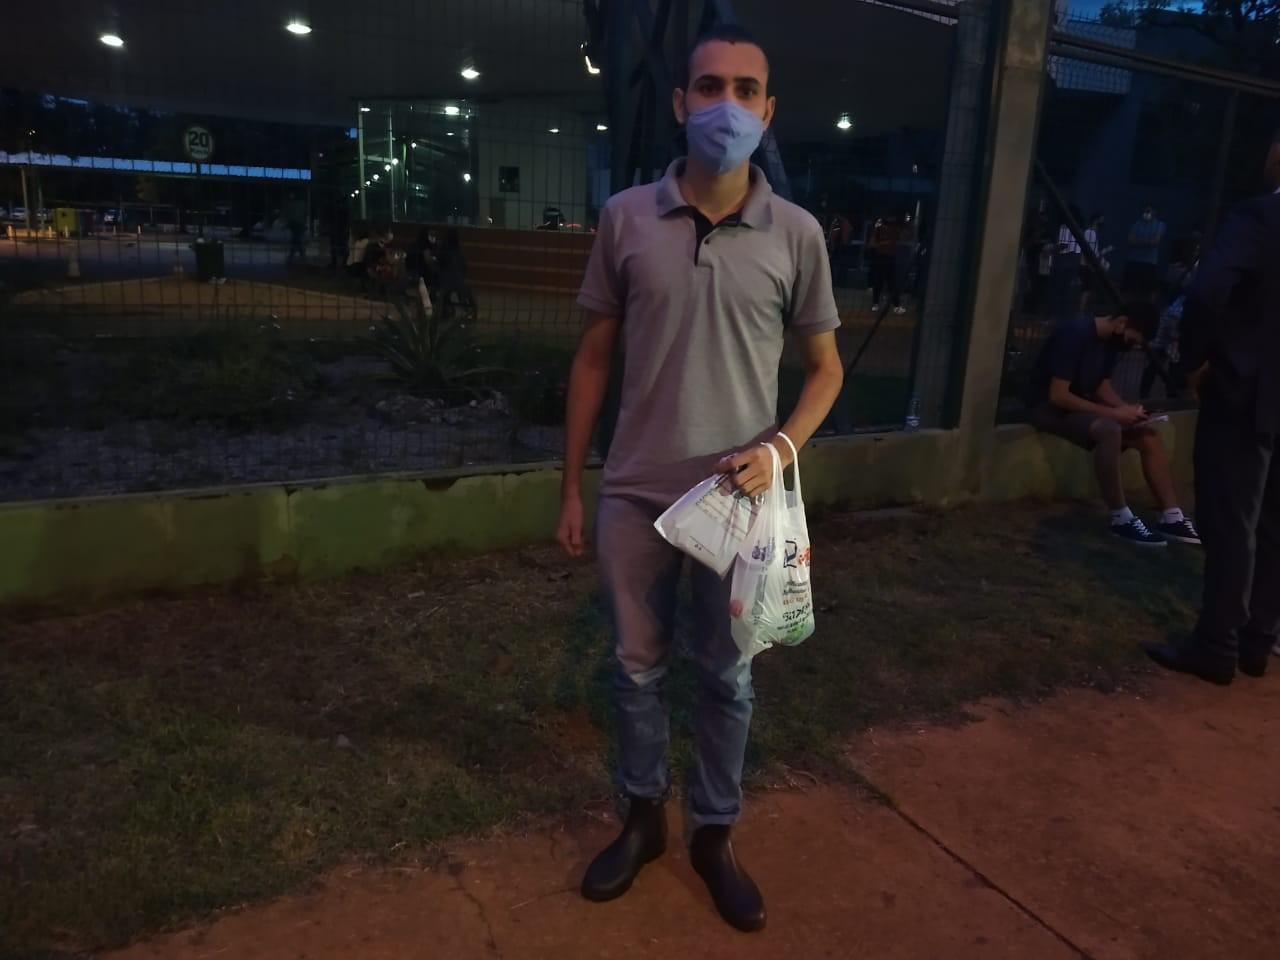 Candidatos do TO relatam dificuldades em fazer Enem durante a pandemia: 'complicado para respirar'